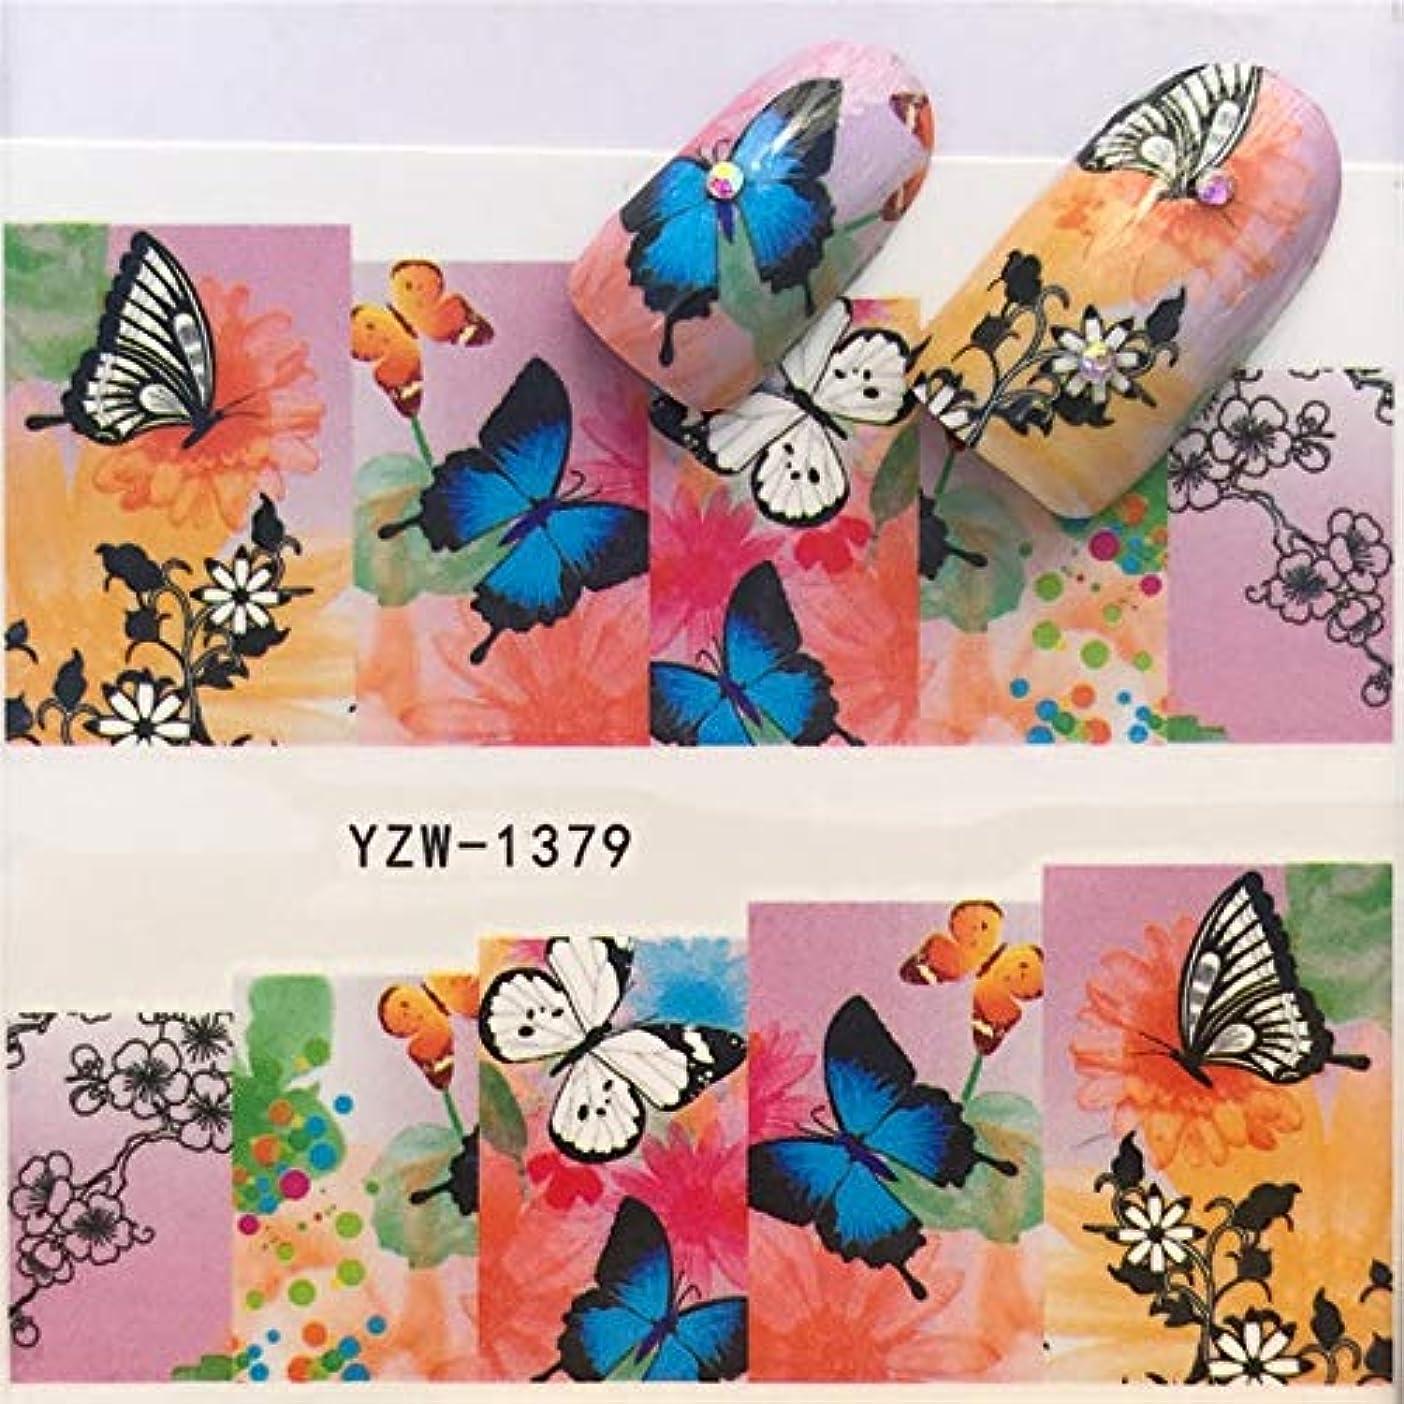 ビューティー&パーソナルケア 3ピースネイルステッカーセットデカール水転写スライダーネイルアートデコレーション、色:YZW1379 ステッカー&デカール